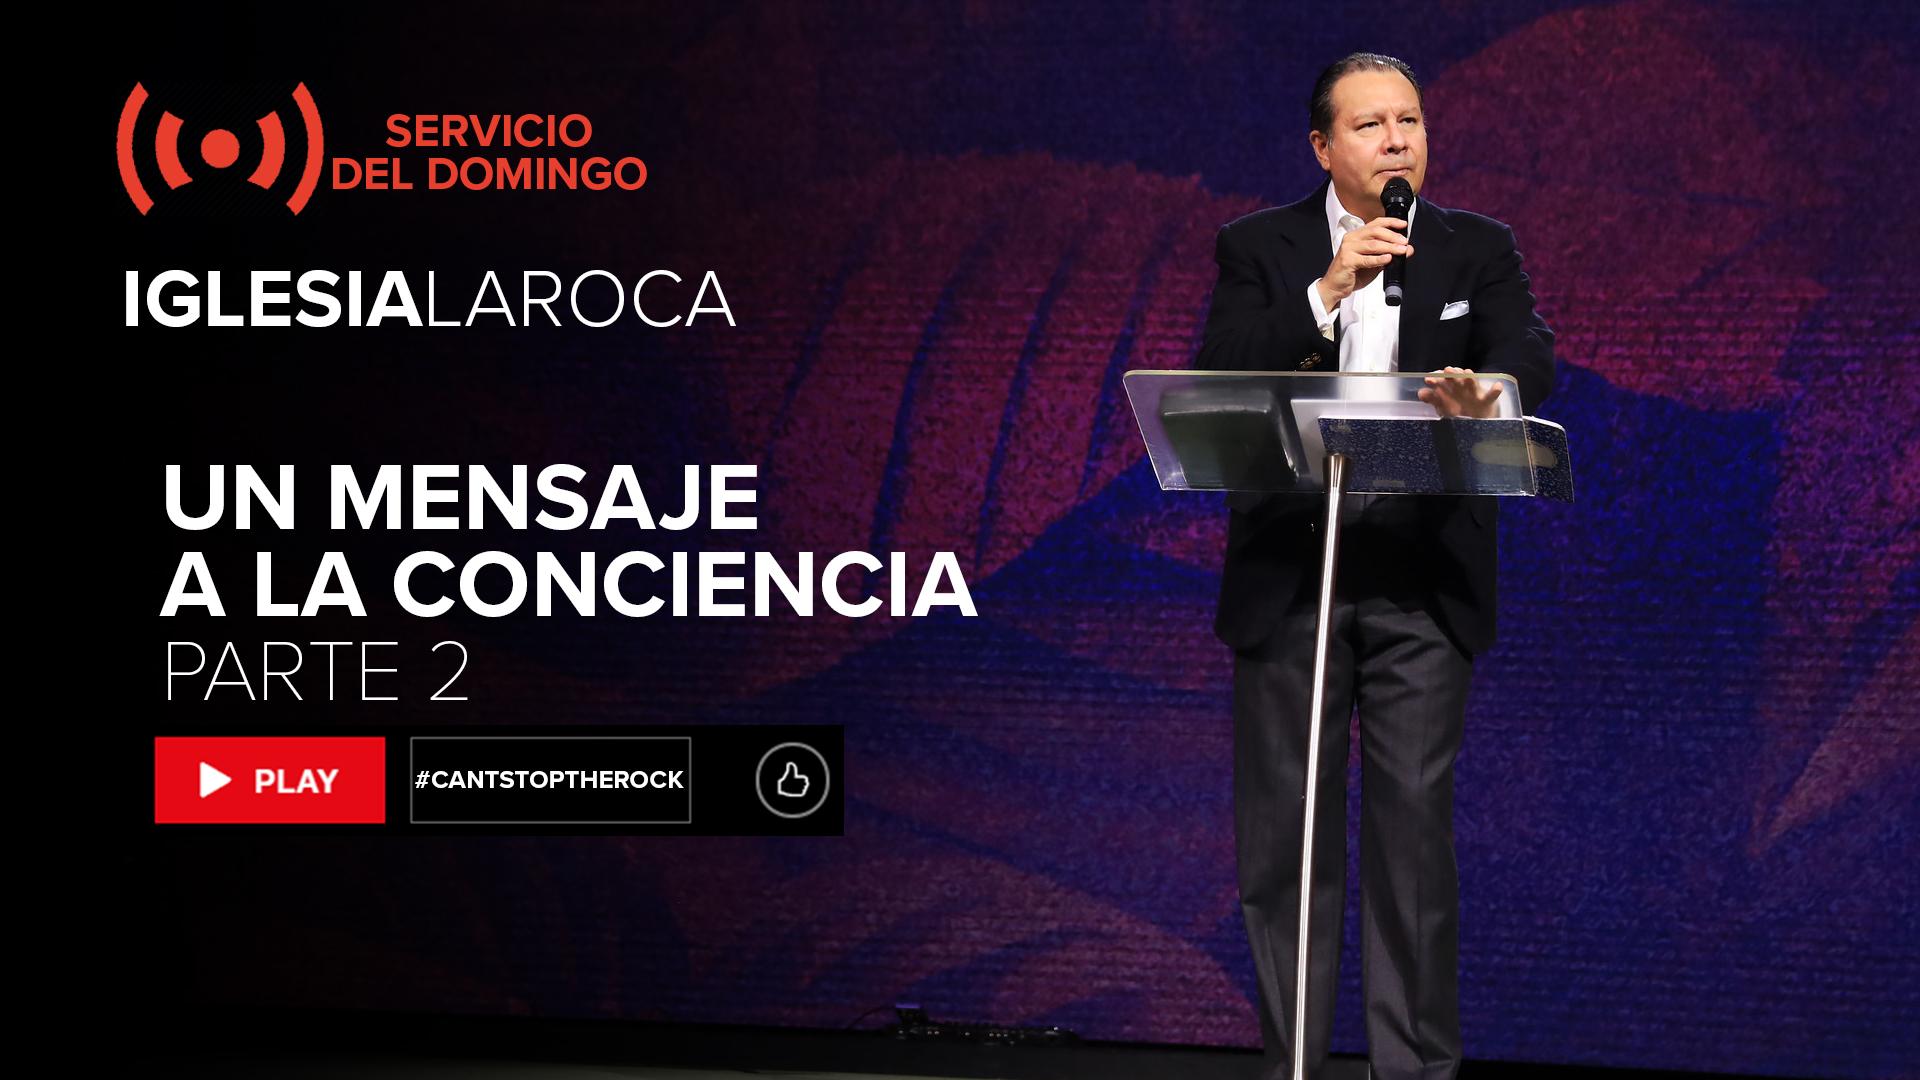 Watch Un Mensaje a la Conciencia Pt. 2